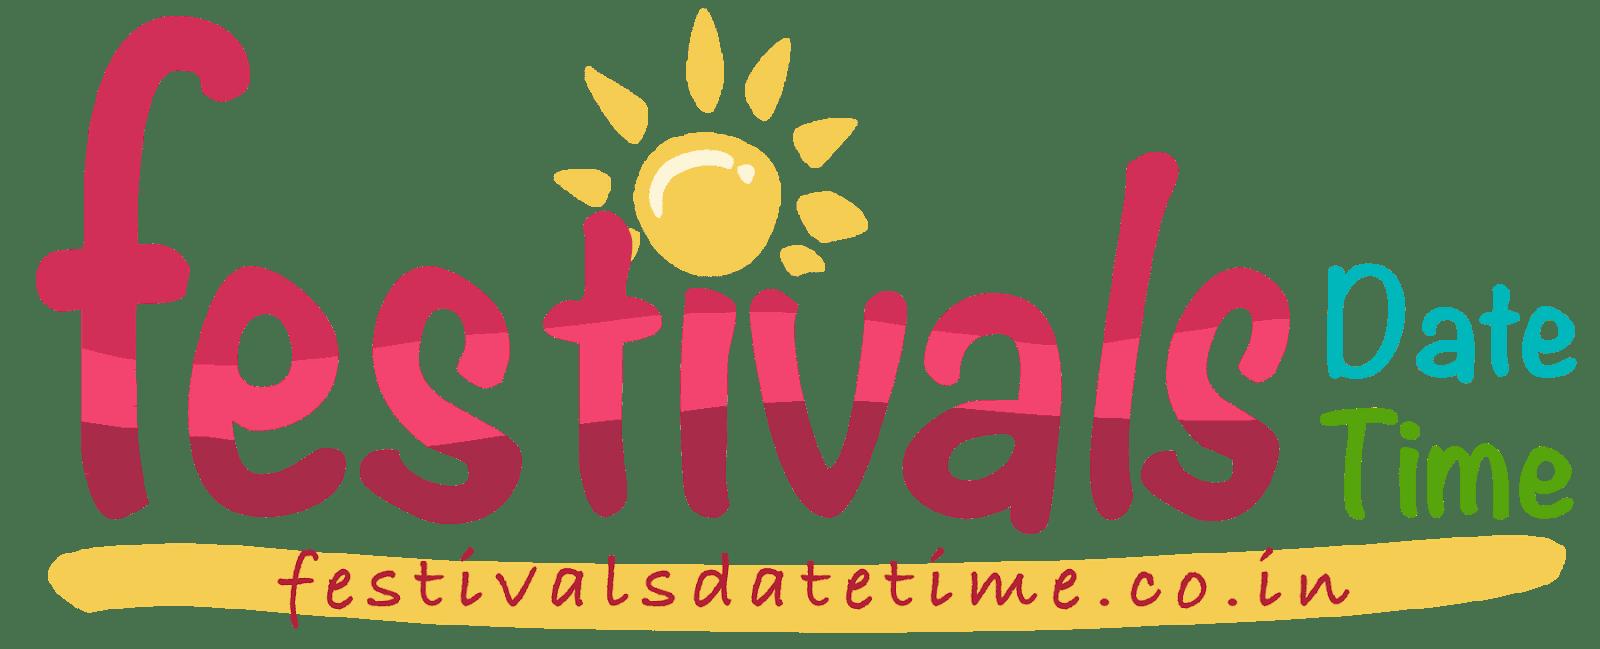 Festivals Date Time, Hindu Calendar and Online Panchang